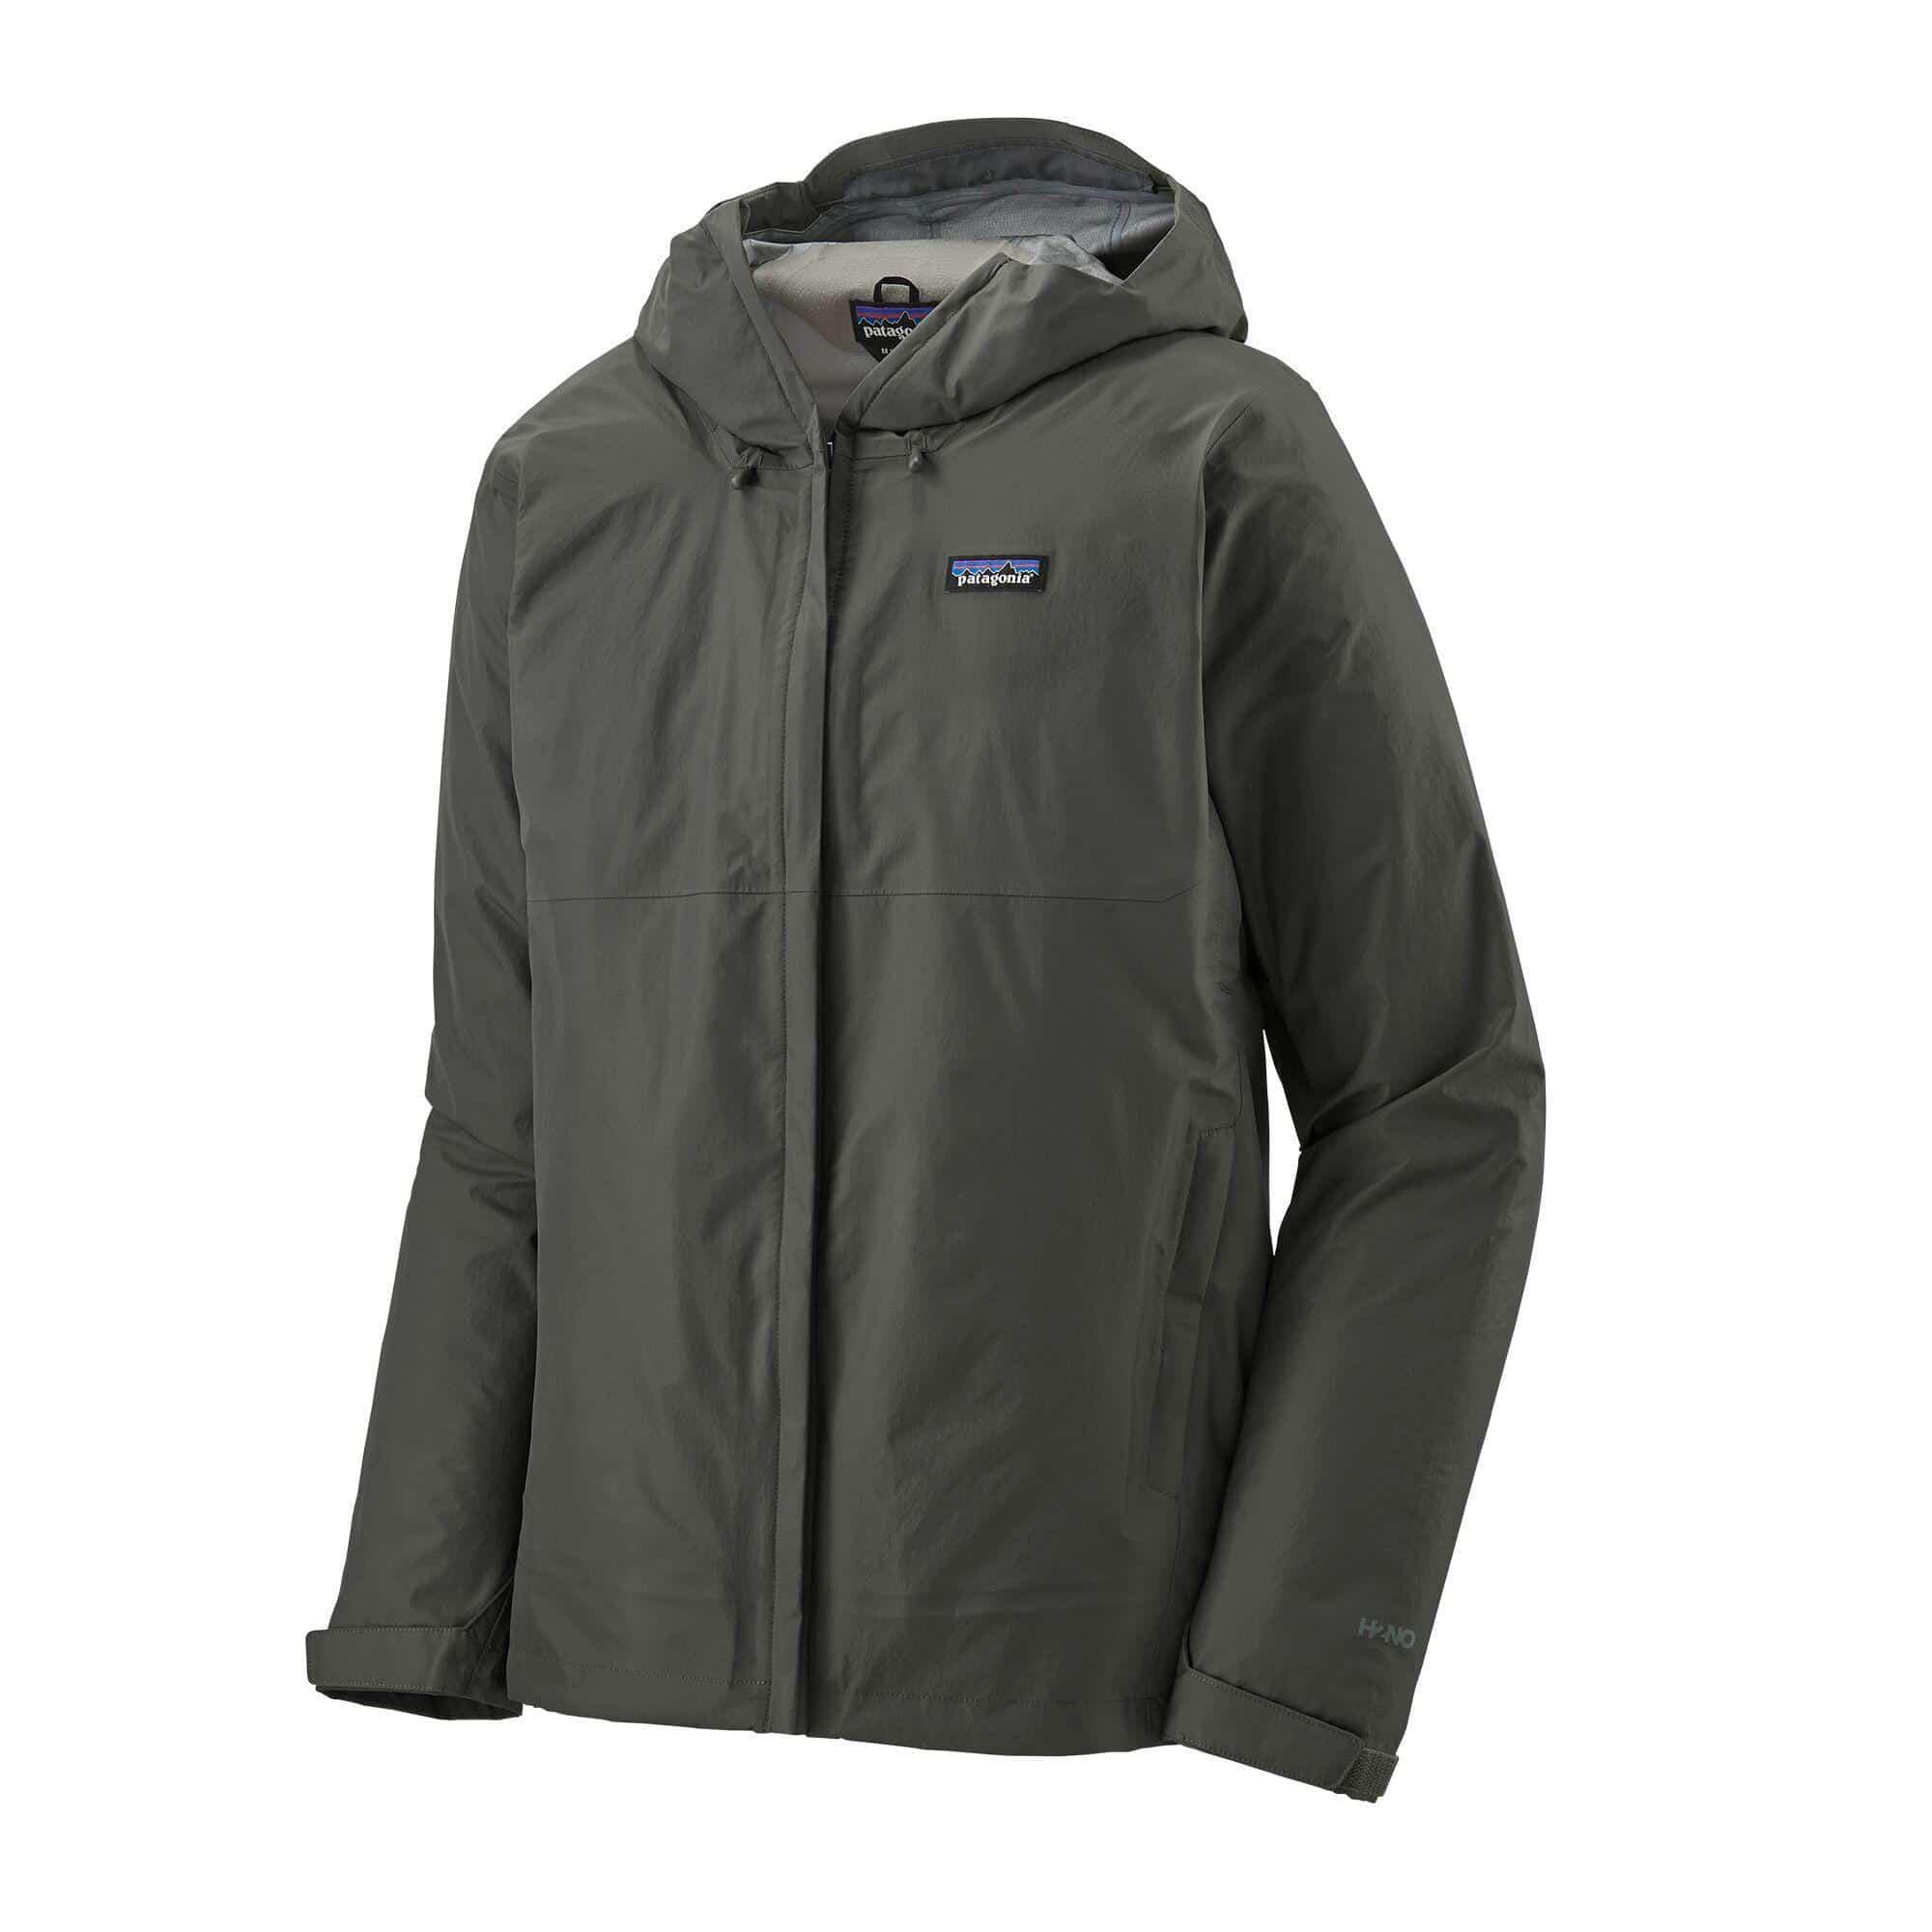 Torrentshell 3l Jacket Men's